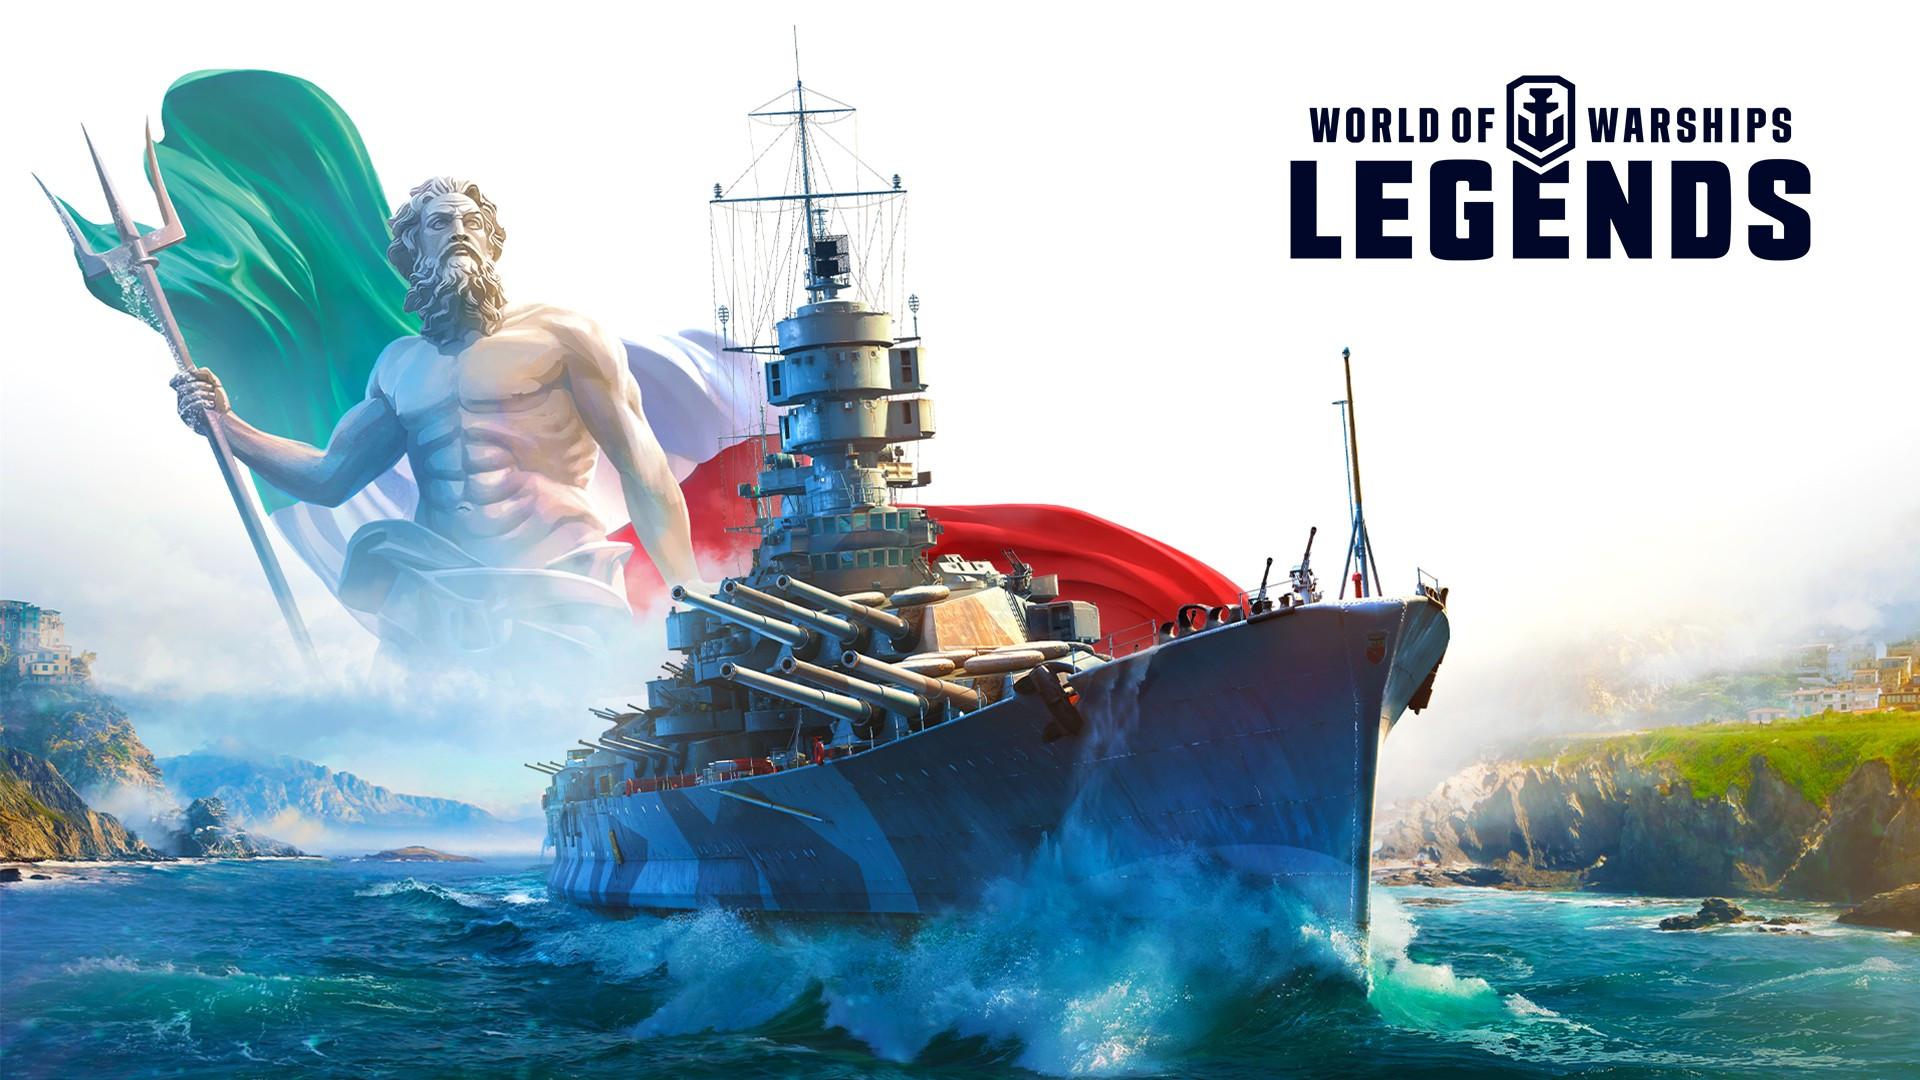 На Xbox One X можно протестировать новый графический движок в World of Warships